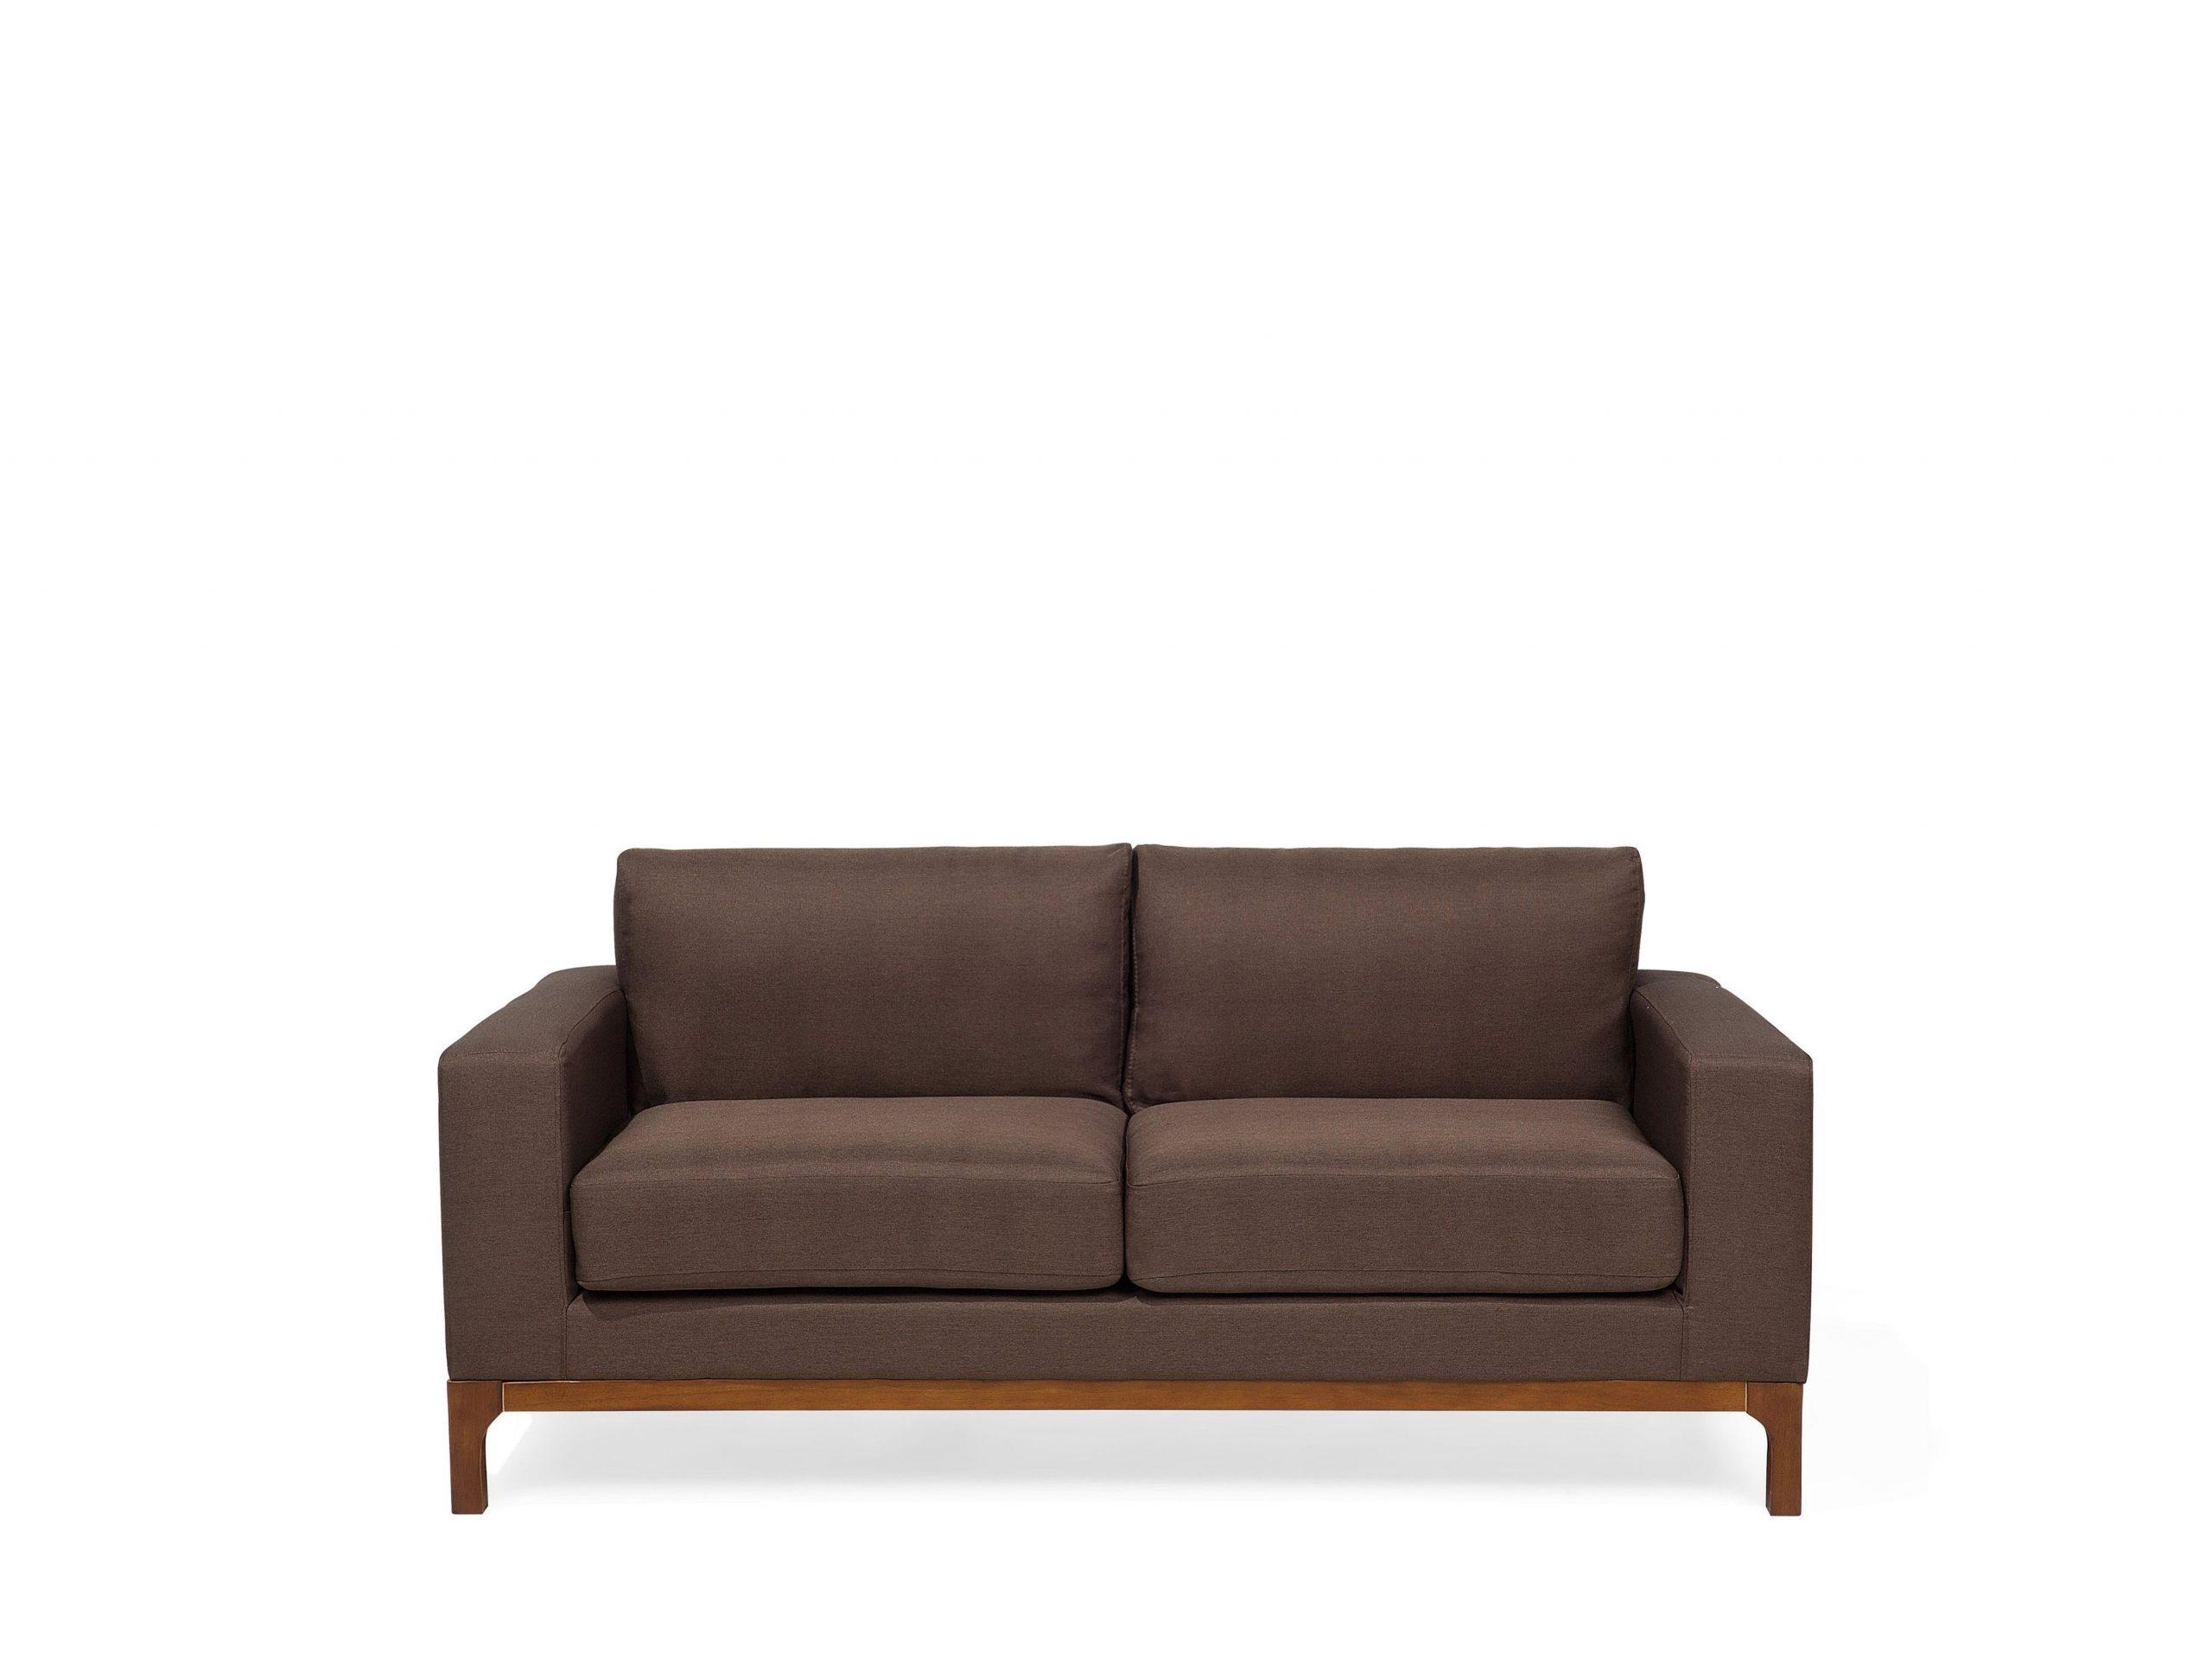 Full Size of 2 Sitzer Sofa Mit Abnehmbaren Bezug Delife Big Grau Günstige Betten 180x200 3 Esstisch 120x80 München Für Esszimmer 2er Fenster 120x120 Türkis Englisch Sofa 2 Sitzer Sofa